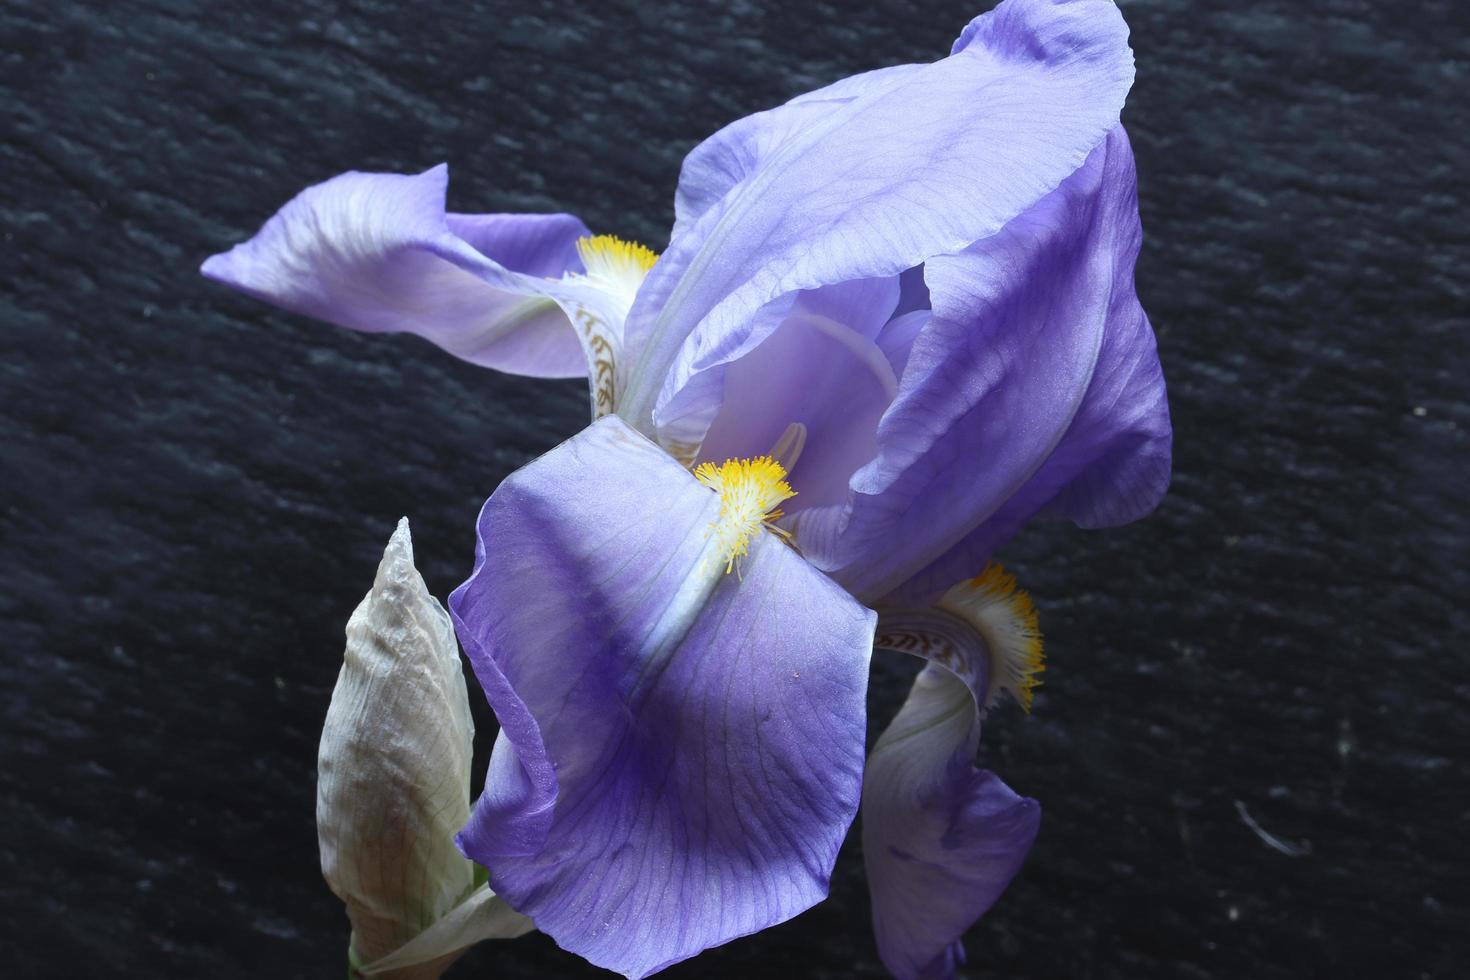 fleur et bourgeon d'iris photo